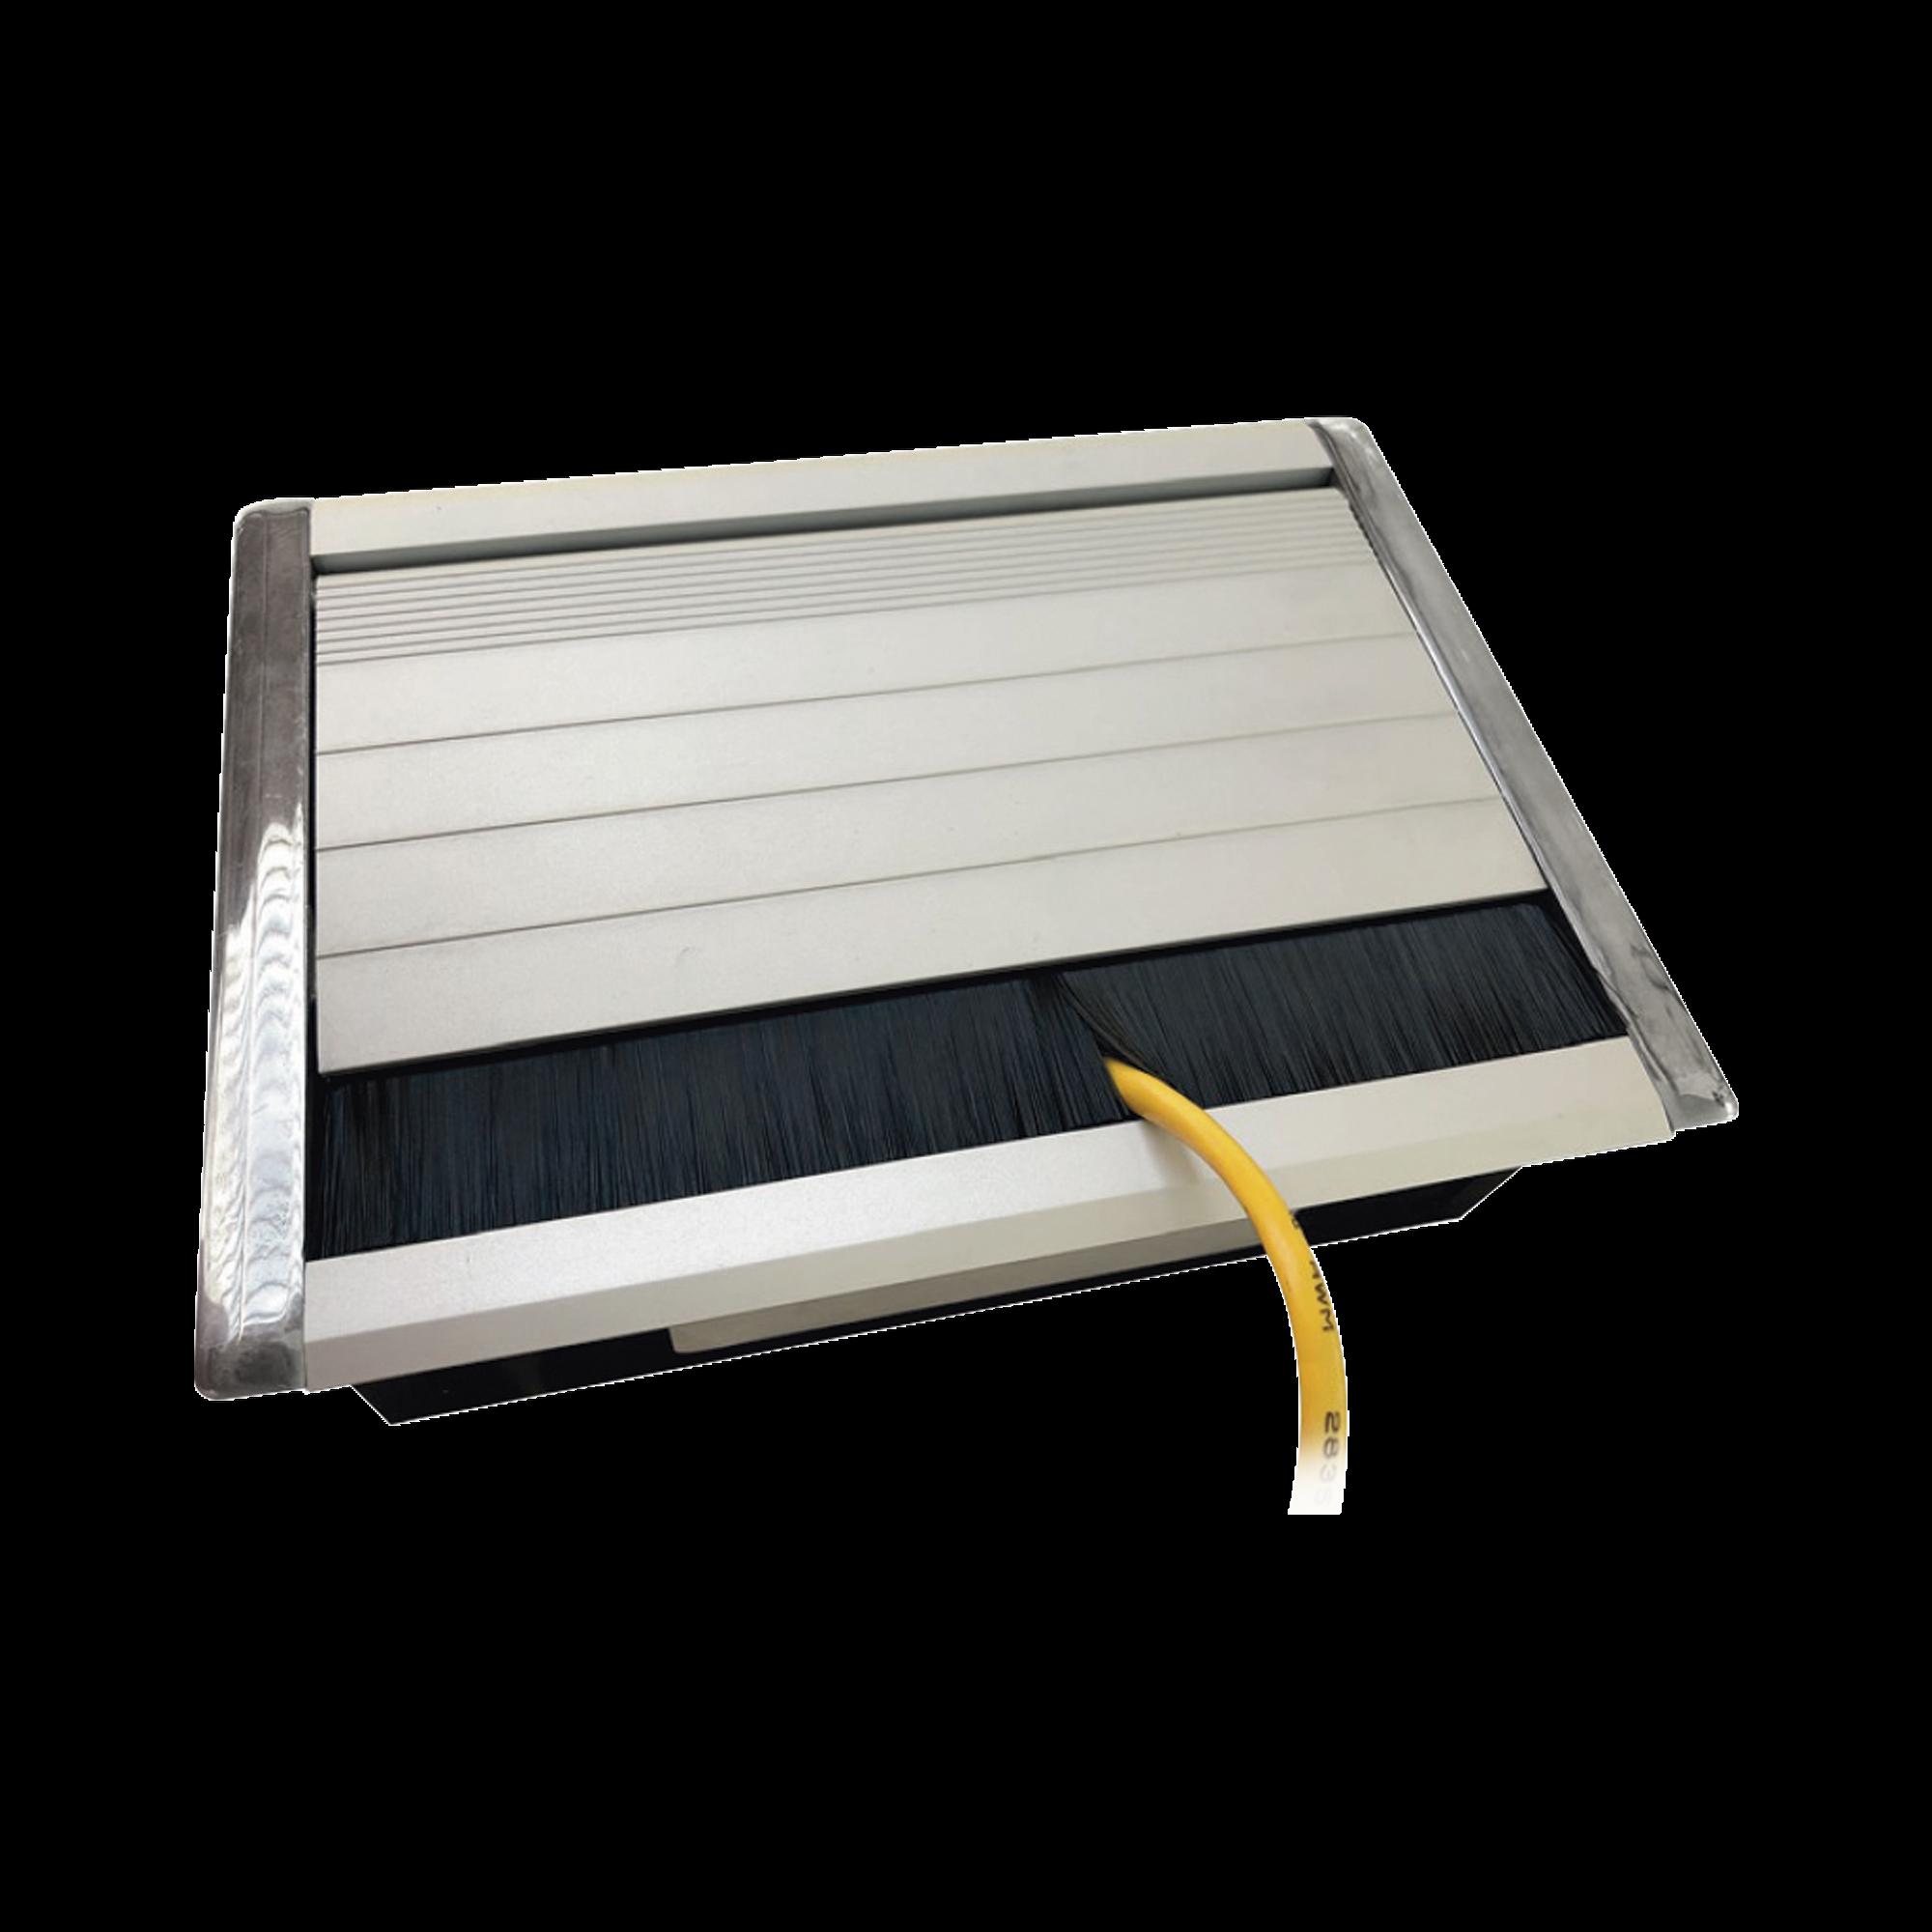 Caja universal vacia de 2 modulos para instalacion en escritorio (voz, datos, video, contactos electricos), (No incluye accesorios)